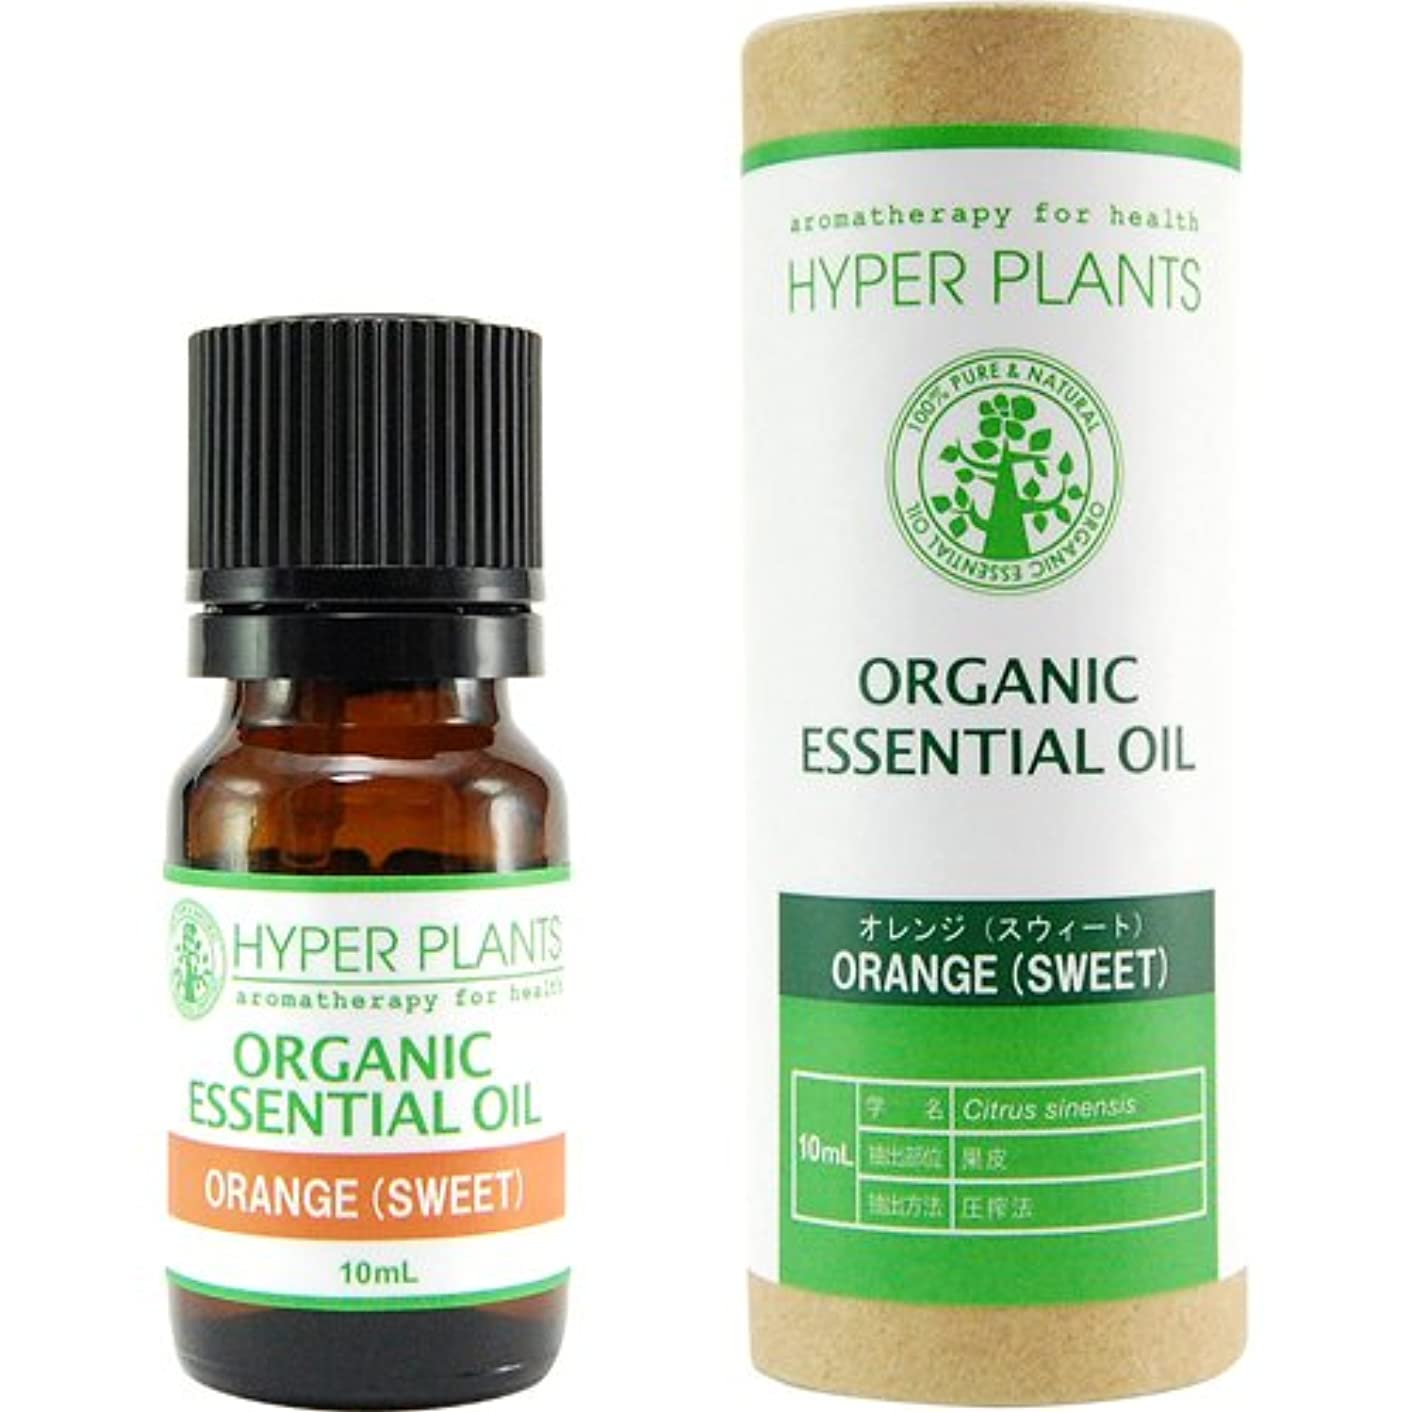 地球単にマークダウンHYPER PLANTS ハイパープランツ オーガニックエッセンシャルオイル オレンジ(スイート) 10ml HE0208